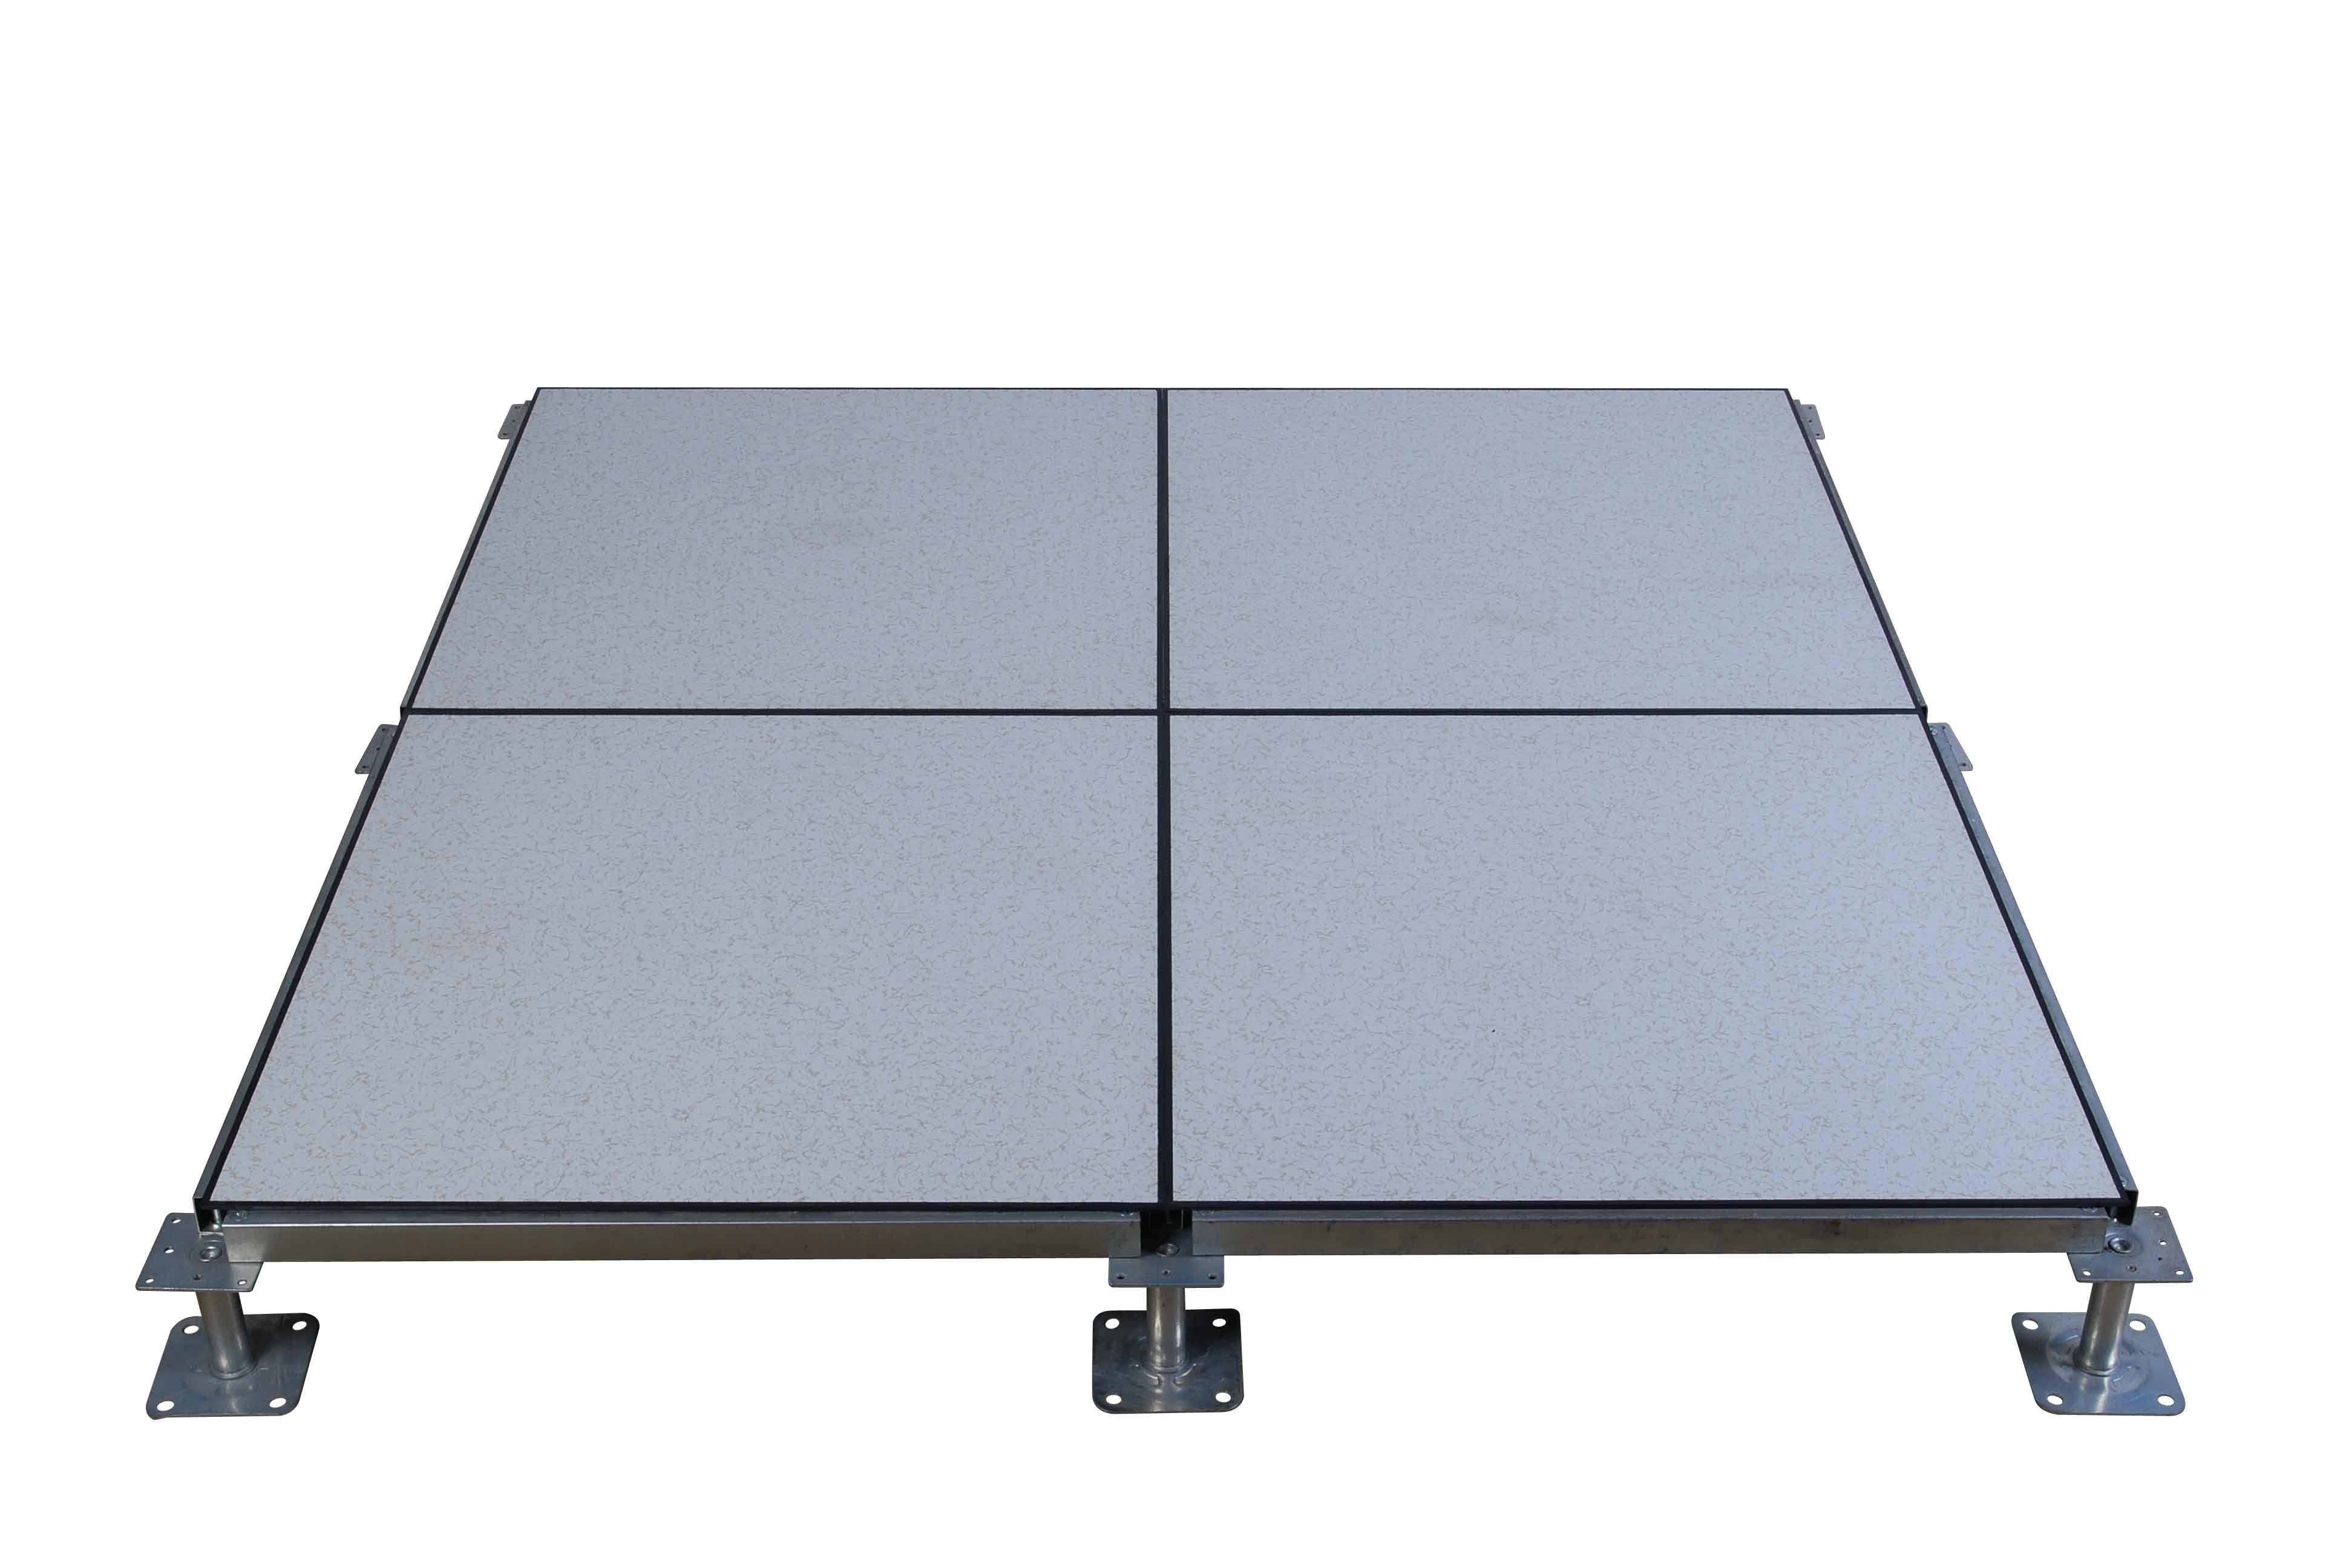 美格全钢HPL钢质地板 机房静电高架地板 活动地板,美格全钢HPL钢质地板 机房静电高架地板 活动地板生产厂家,美格全钢HPL钢质地板 机房静电高架地板 活动地板价格